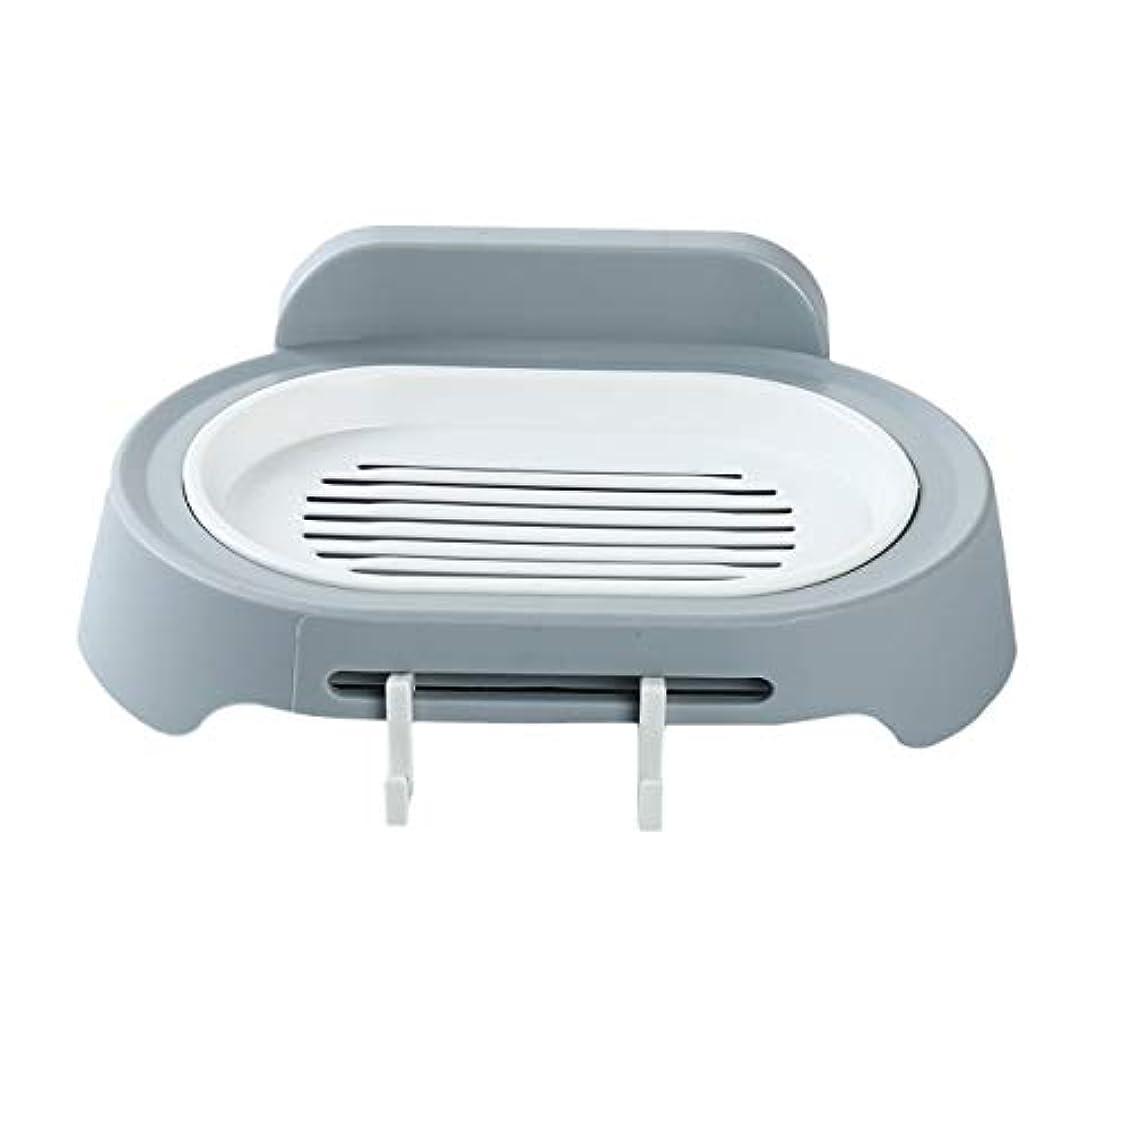 宇宙の安息ベーシックZALING 灰色のホックが付いているの浴室の石鹸の貯蔵の吸引の壁に取り付けられた石鹸のオルガナイザー